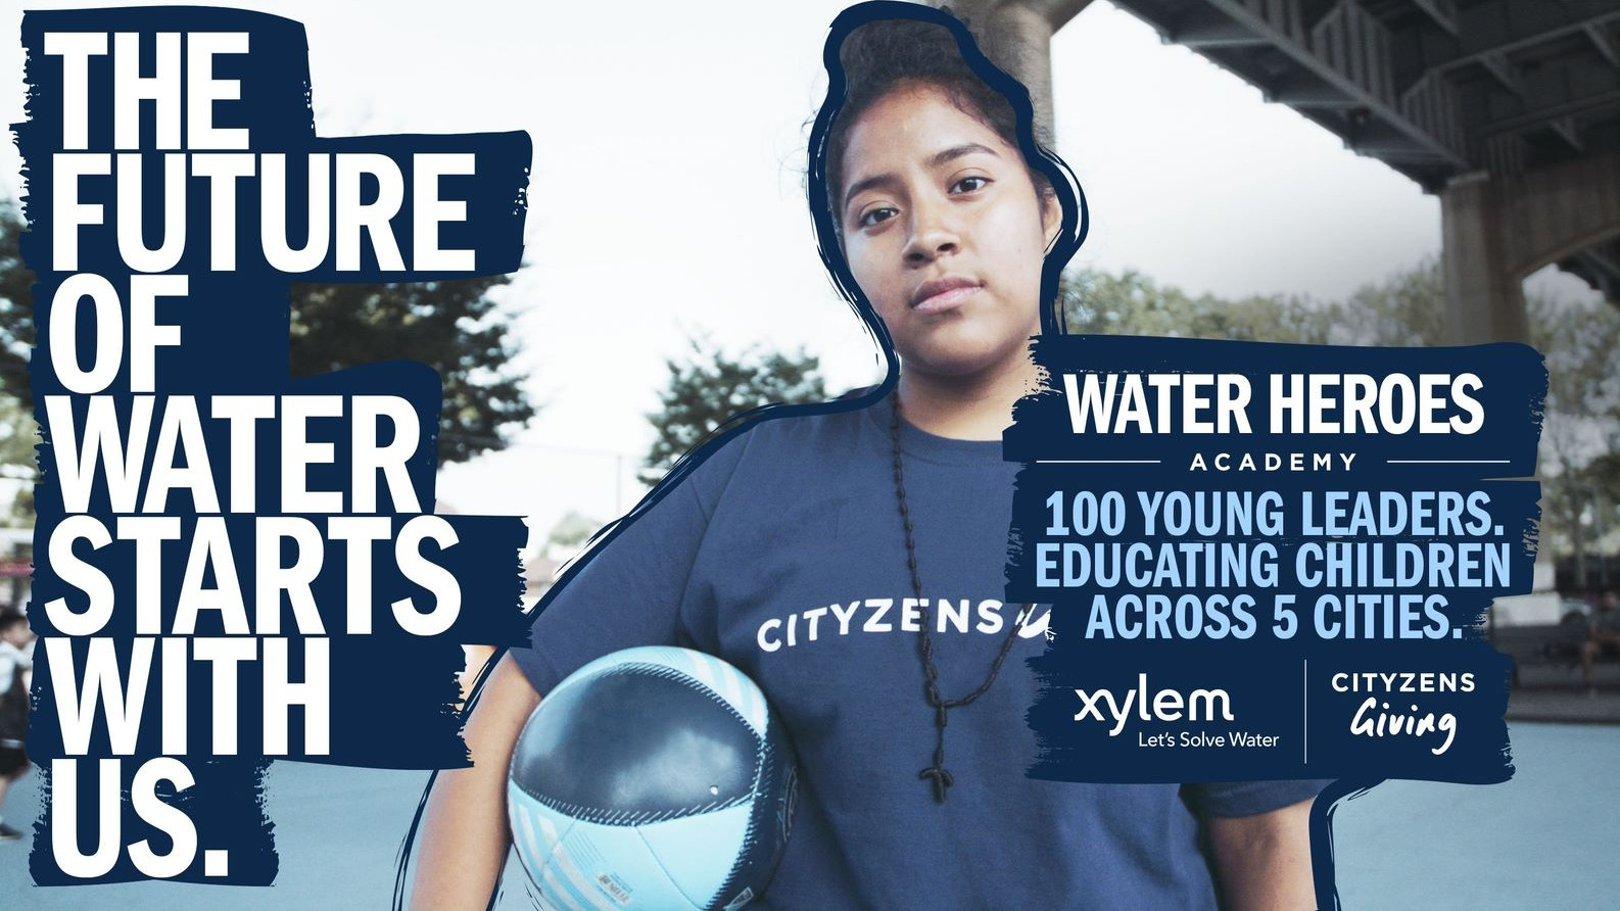 Xylem e Cityzens Giving lançam programa que fornecerá educação vital sobre a Àgua a 5 000 jovens